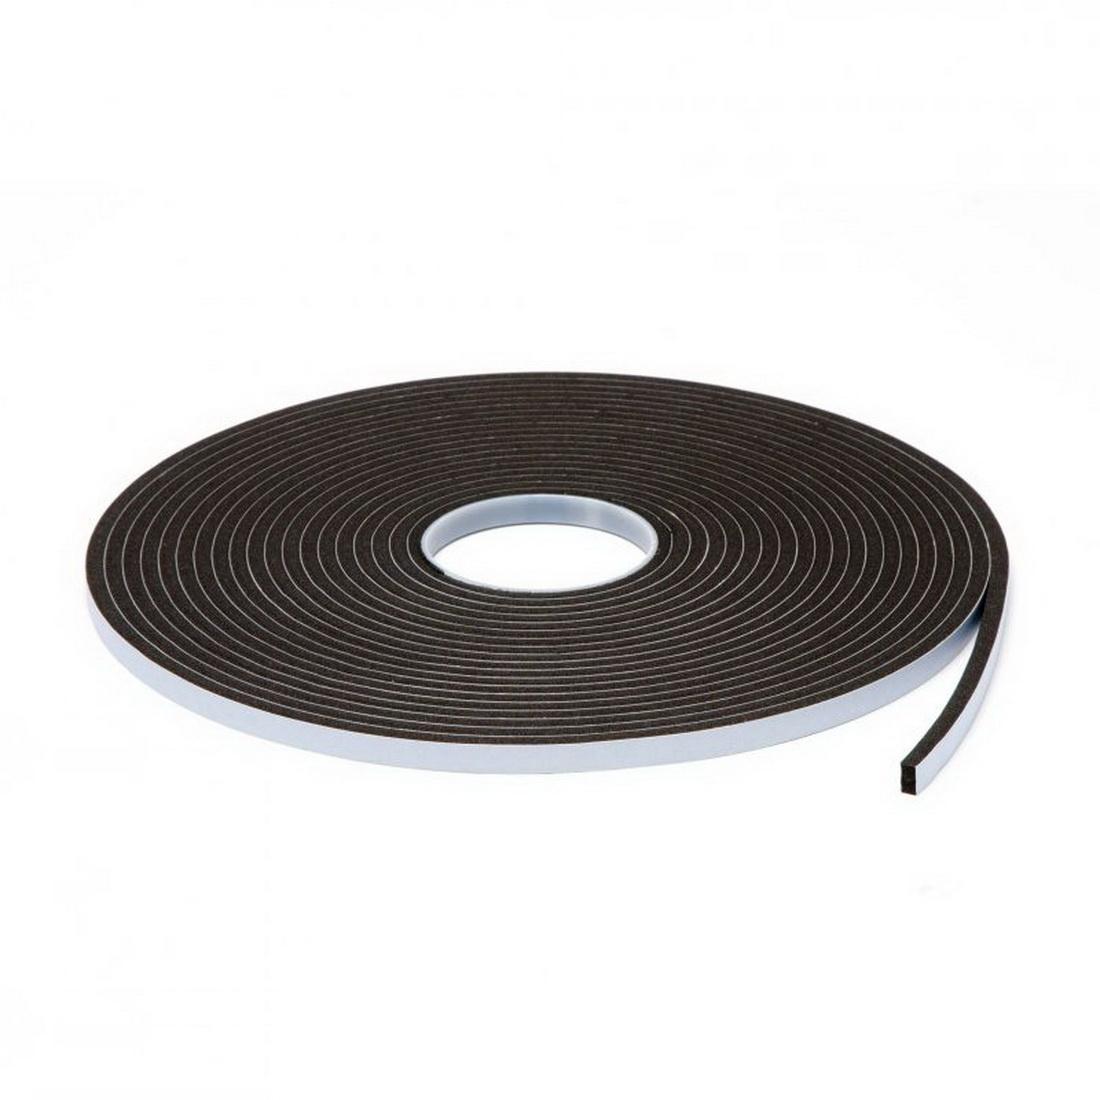 Sellotape Inseal 3109 Single Sided Foam Tape 12 x 12mm x 6m Black 1469022